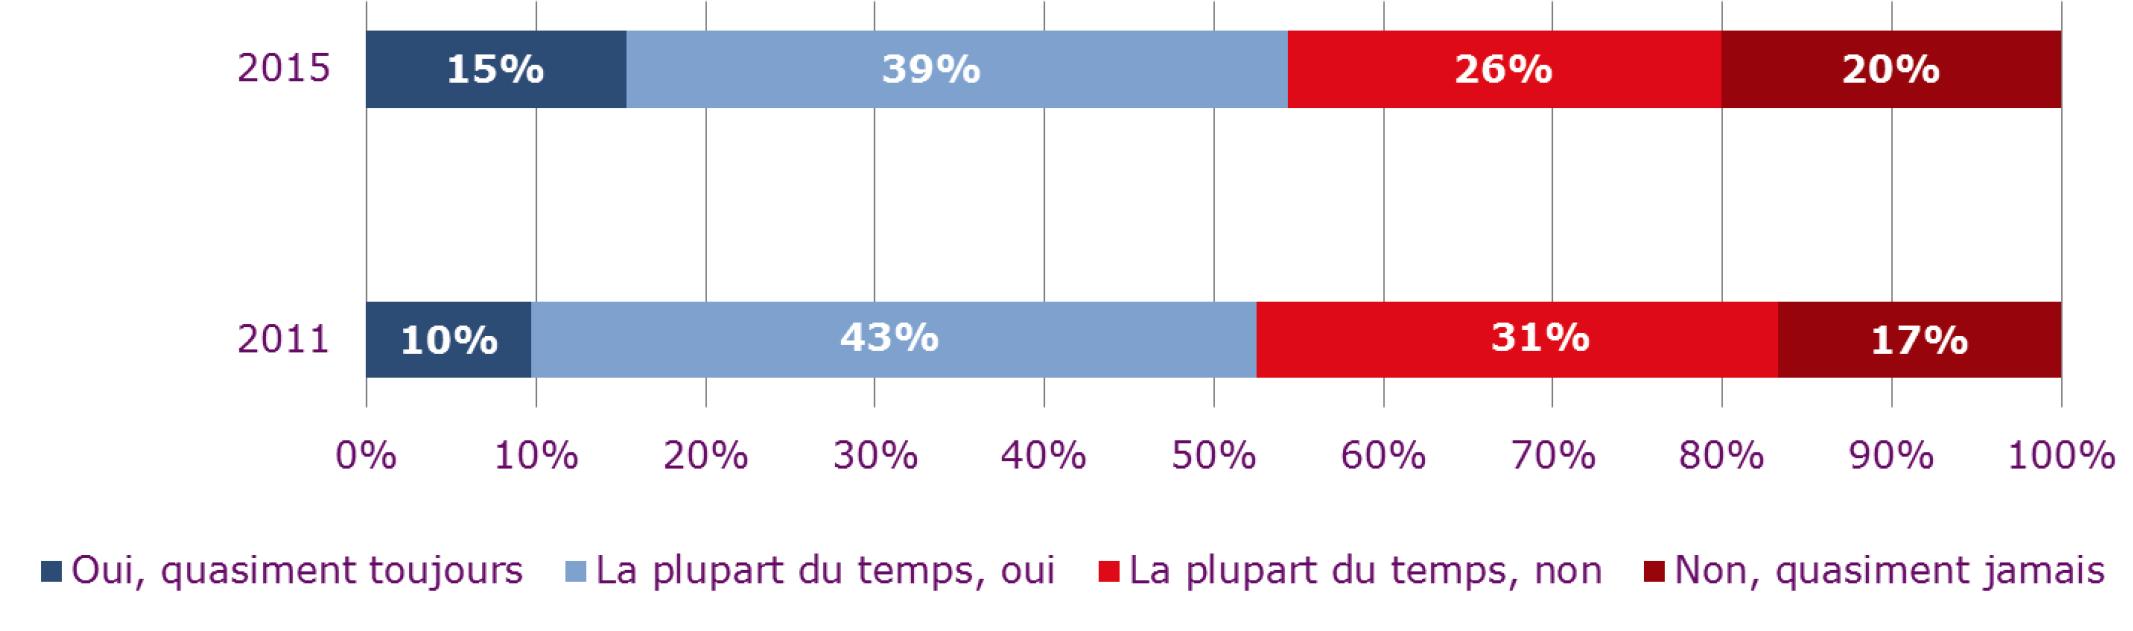 49% de réponses négatives sur la récupération pour les moins de 30 ans. Une chiffre qui ne tombe en dessous de la barre des 40% que chez les séniors